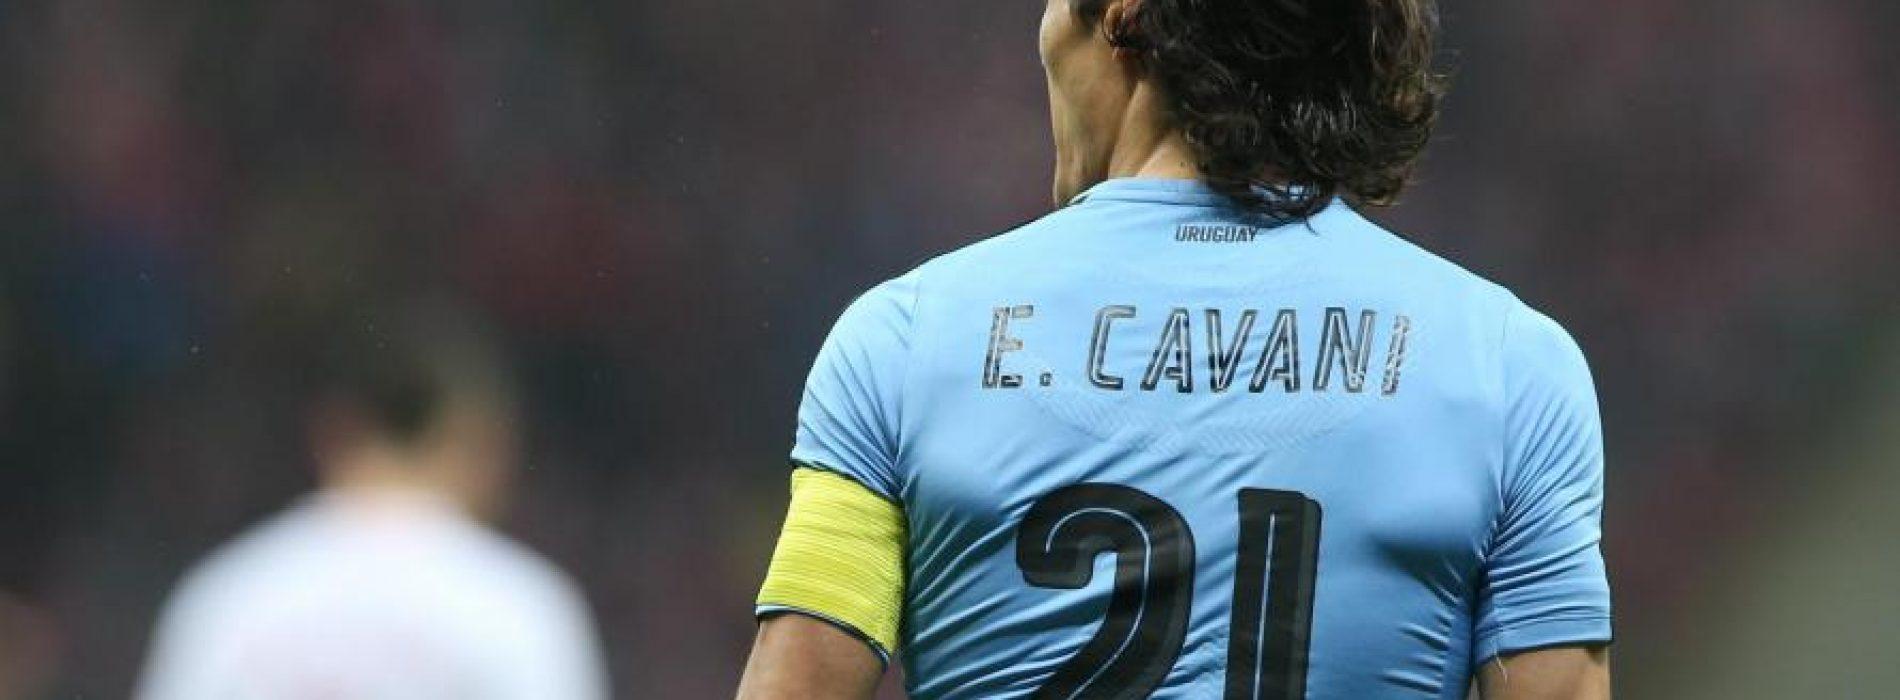 """Manchester United, Cavani ufficiale: """"Non vedo l'ora di competere e rappresentare questo club"""""""